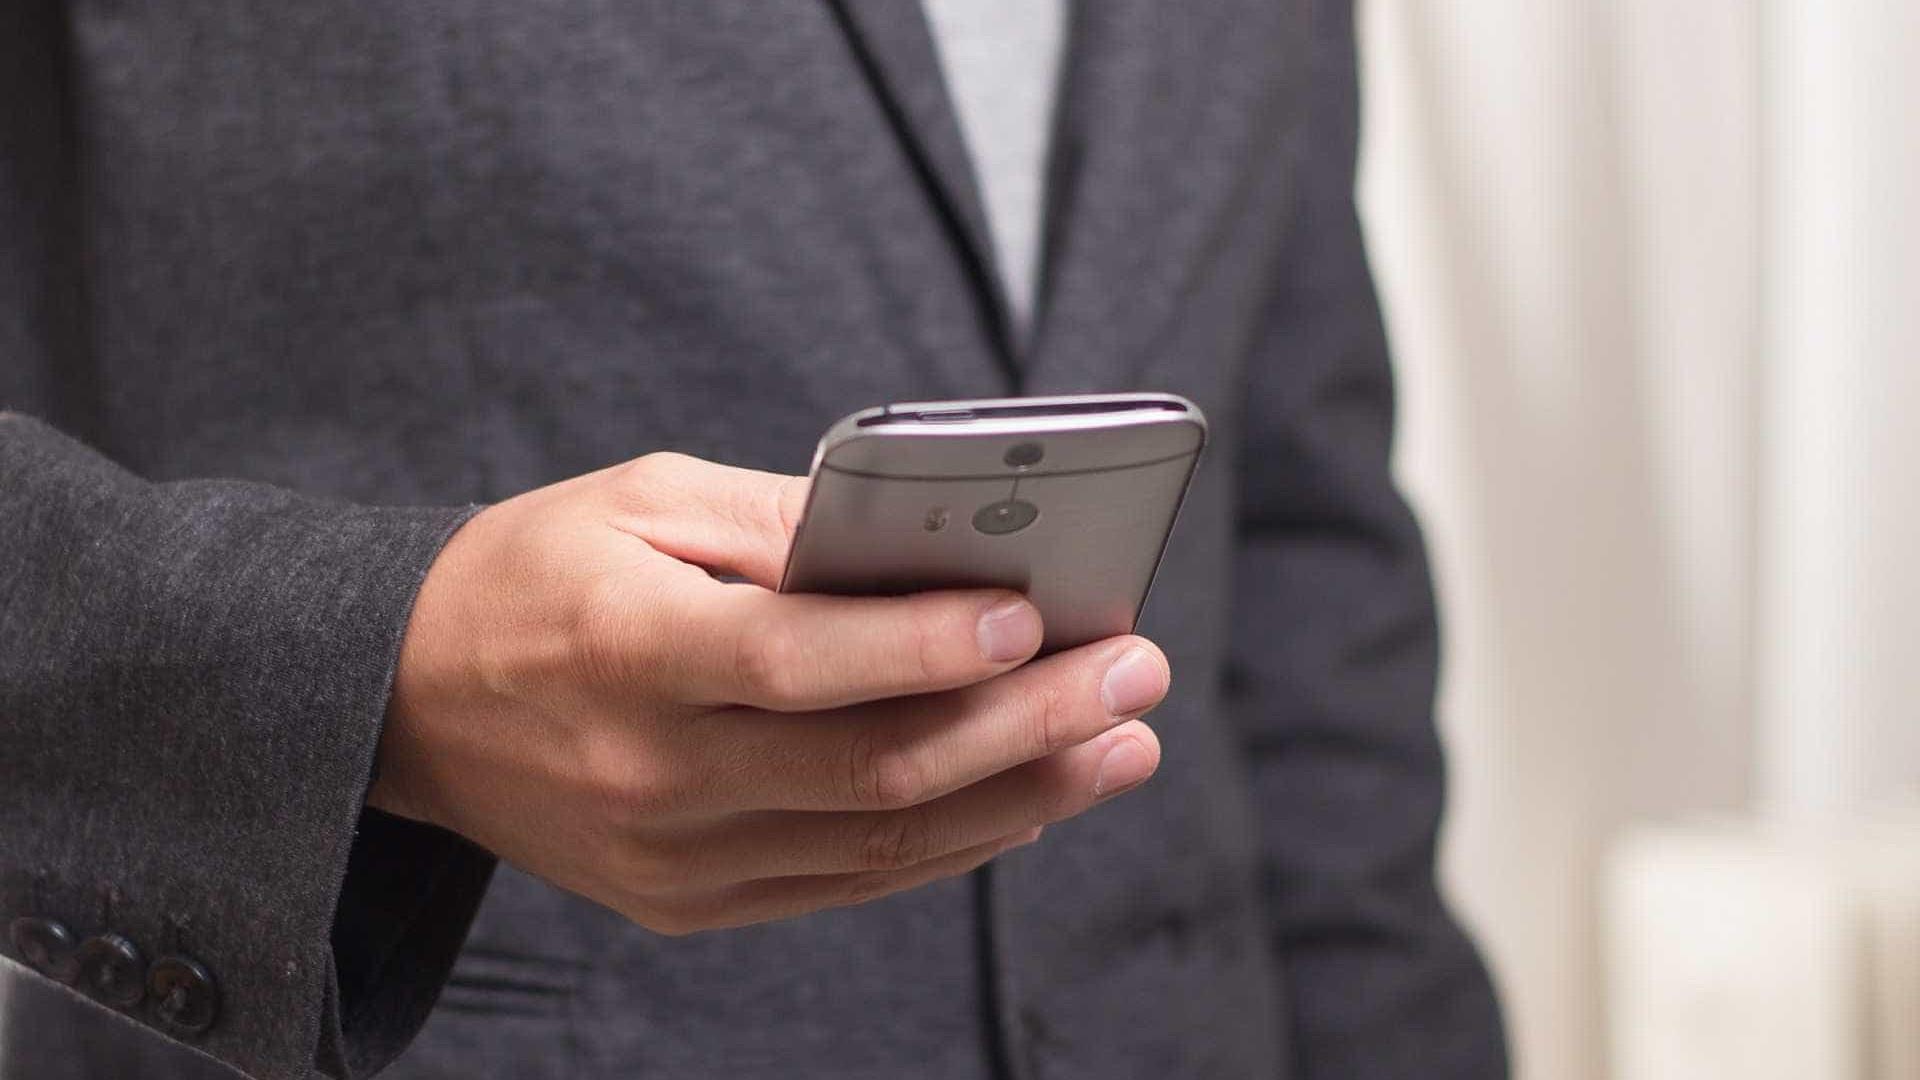 Três novos aplicativos serão lançados pela Câmara dos Deputados